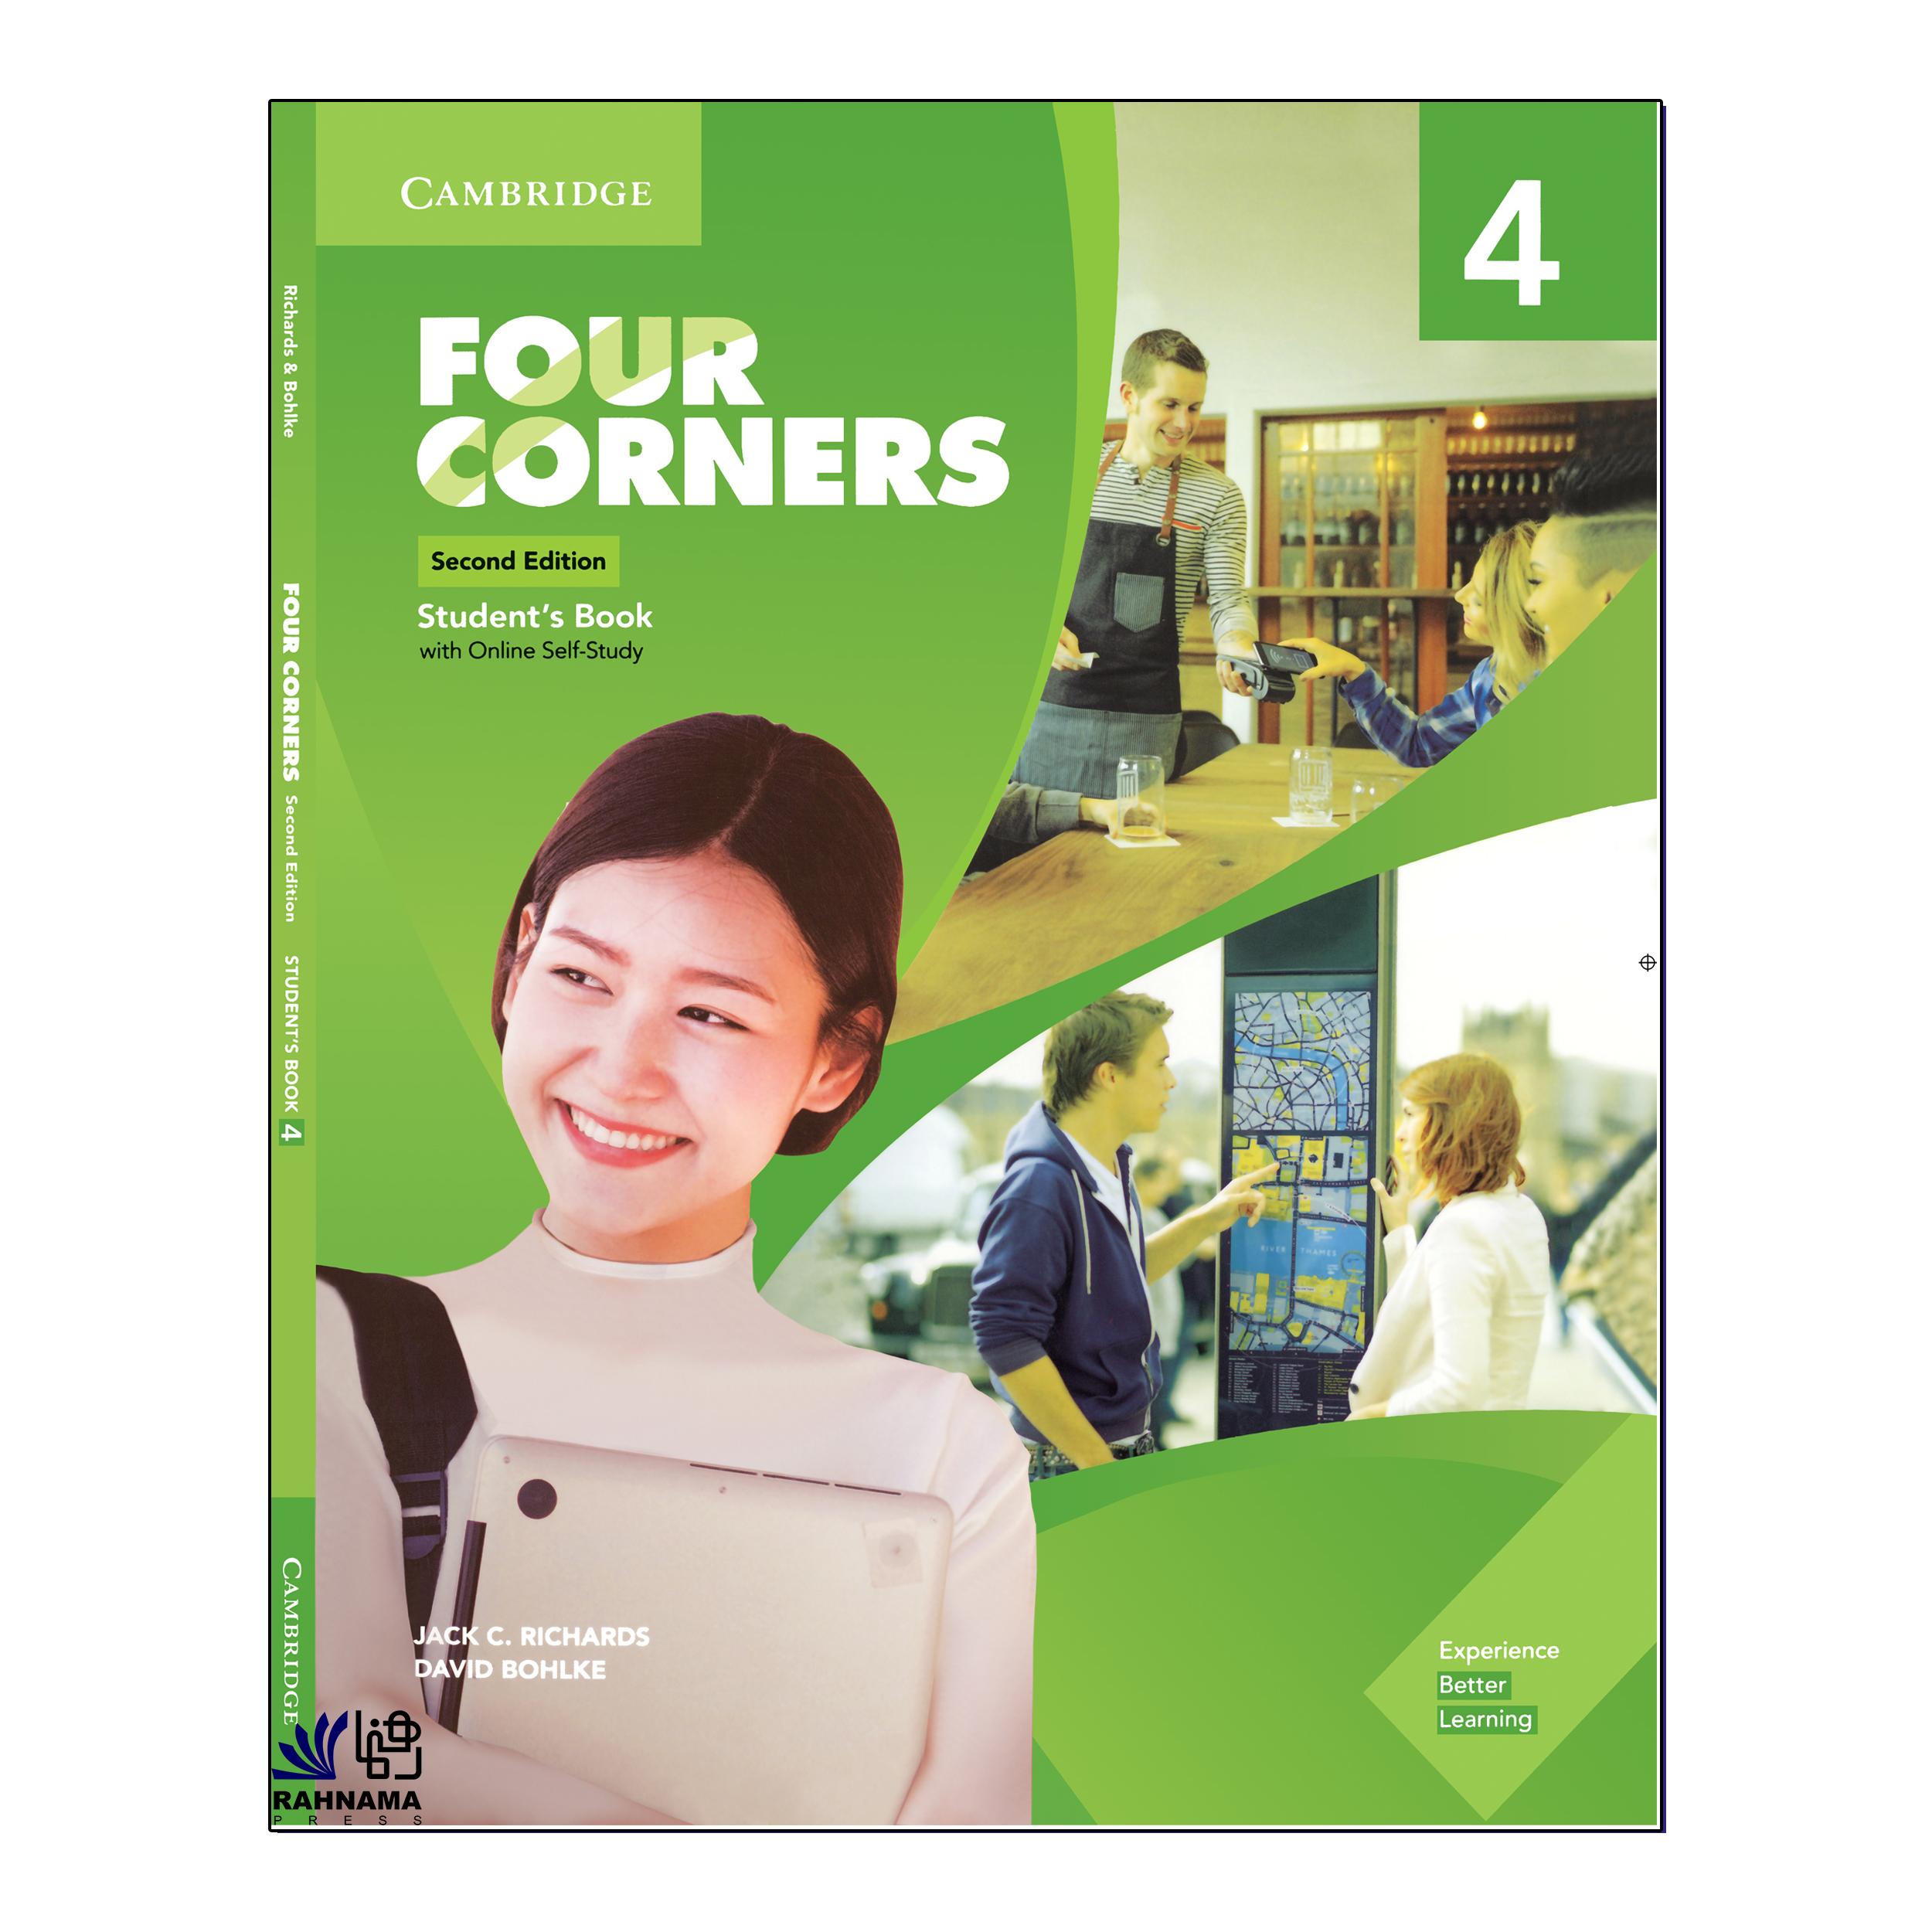 خرید                      کتاب FOUR CORNERS 4 اثر JACK C.RICHARDS AND DAVID BOHLKE انتشارات رهنما